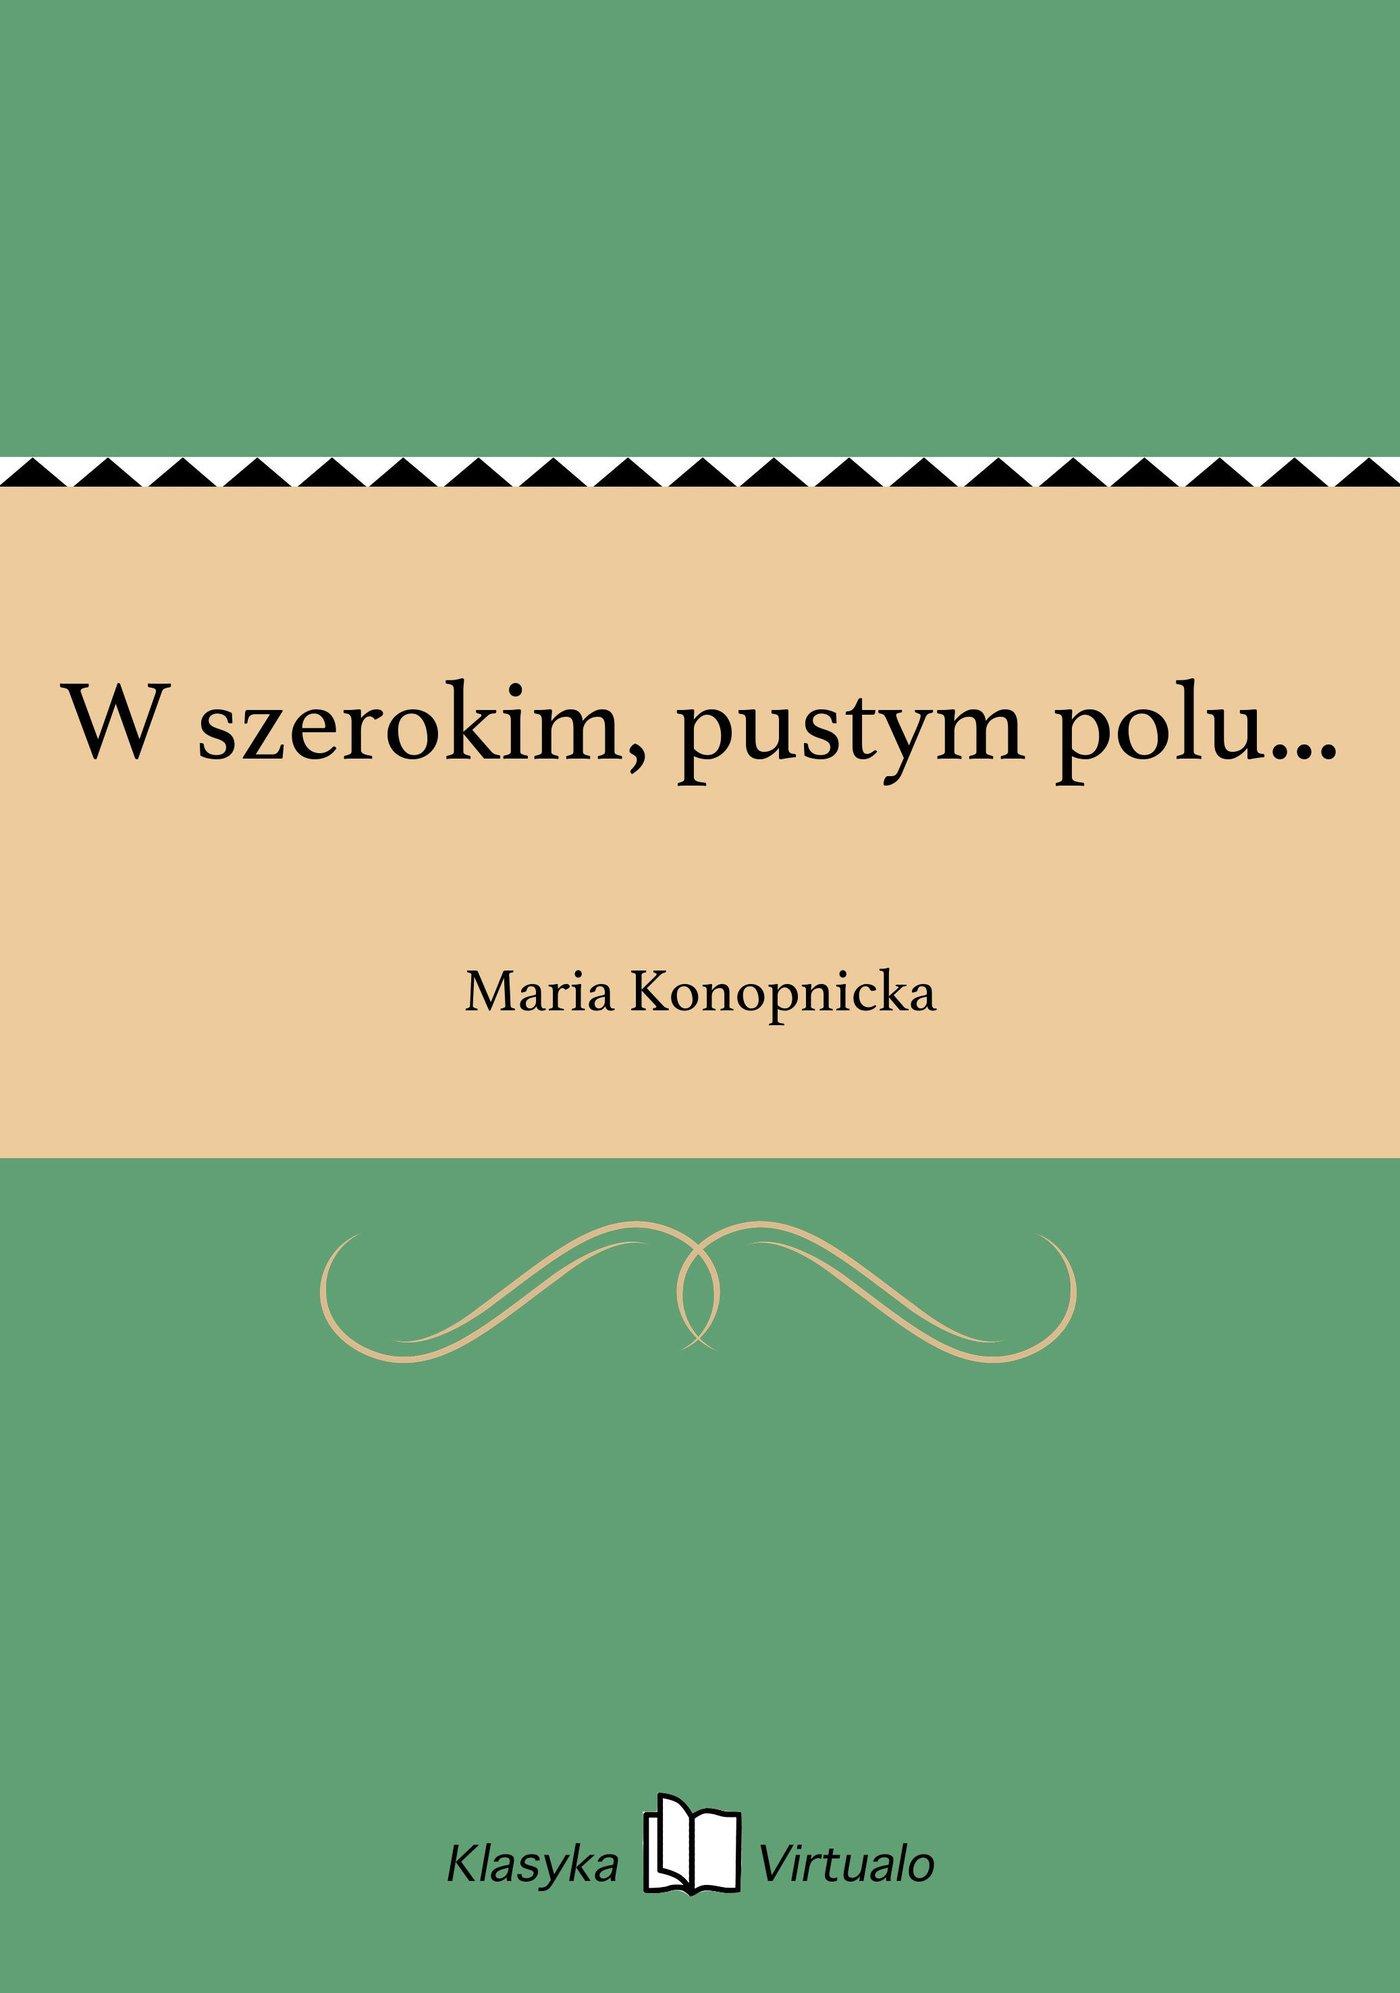 W szerokim, pustym polu... - Ebook (Książka EPUB) do pobrania w formacie EPUB